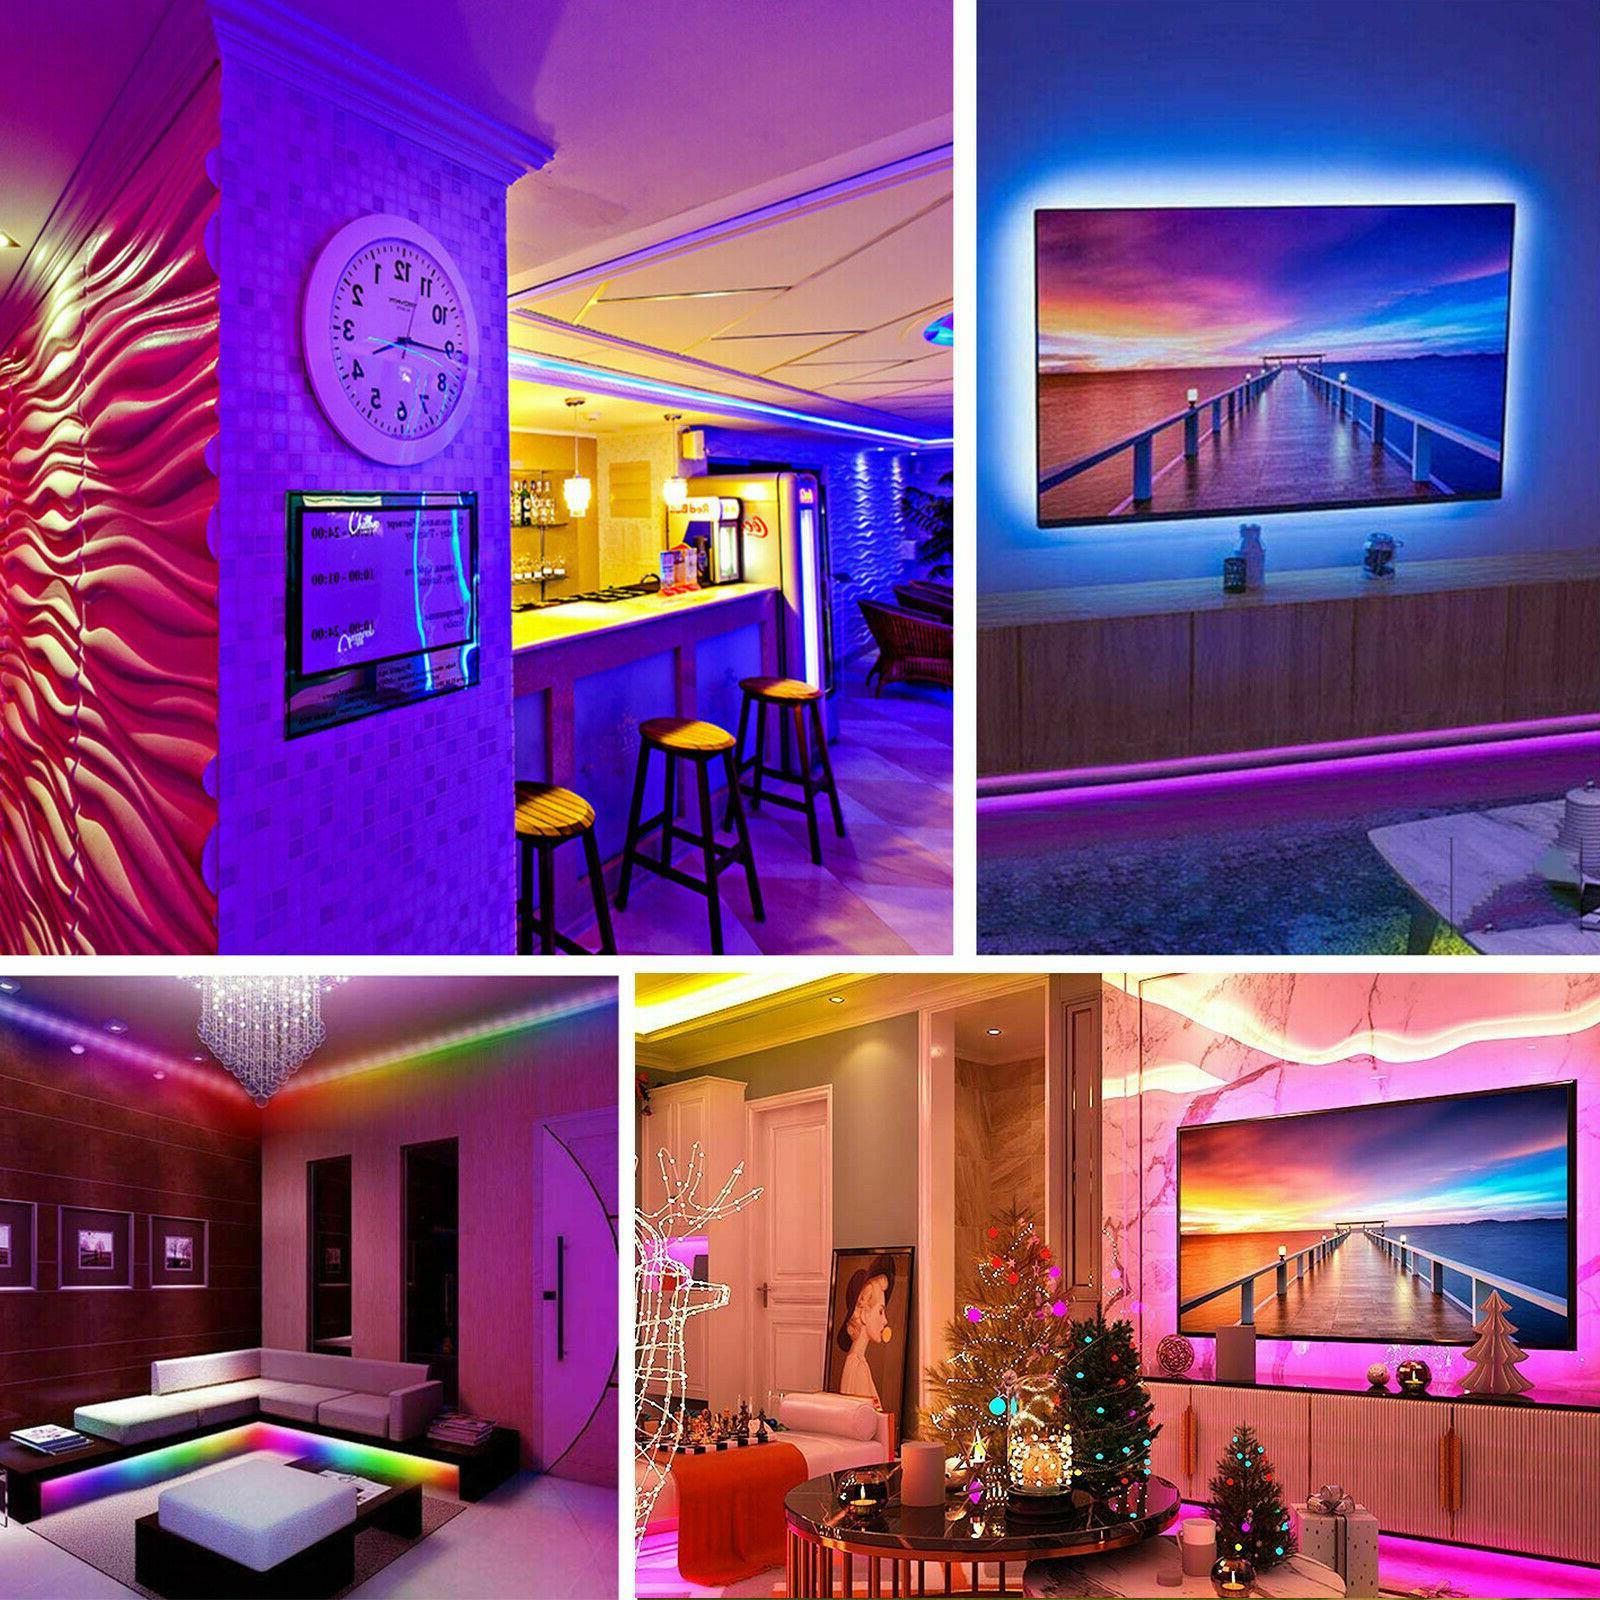 32FT Flexible LED Light Remote Fairy TV Bar